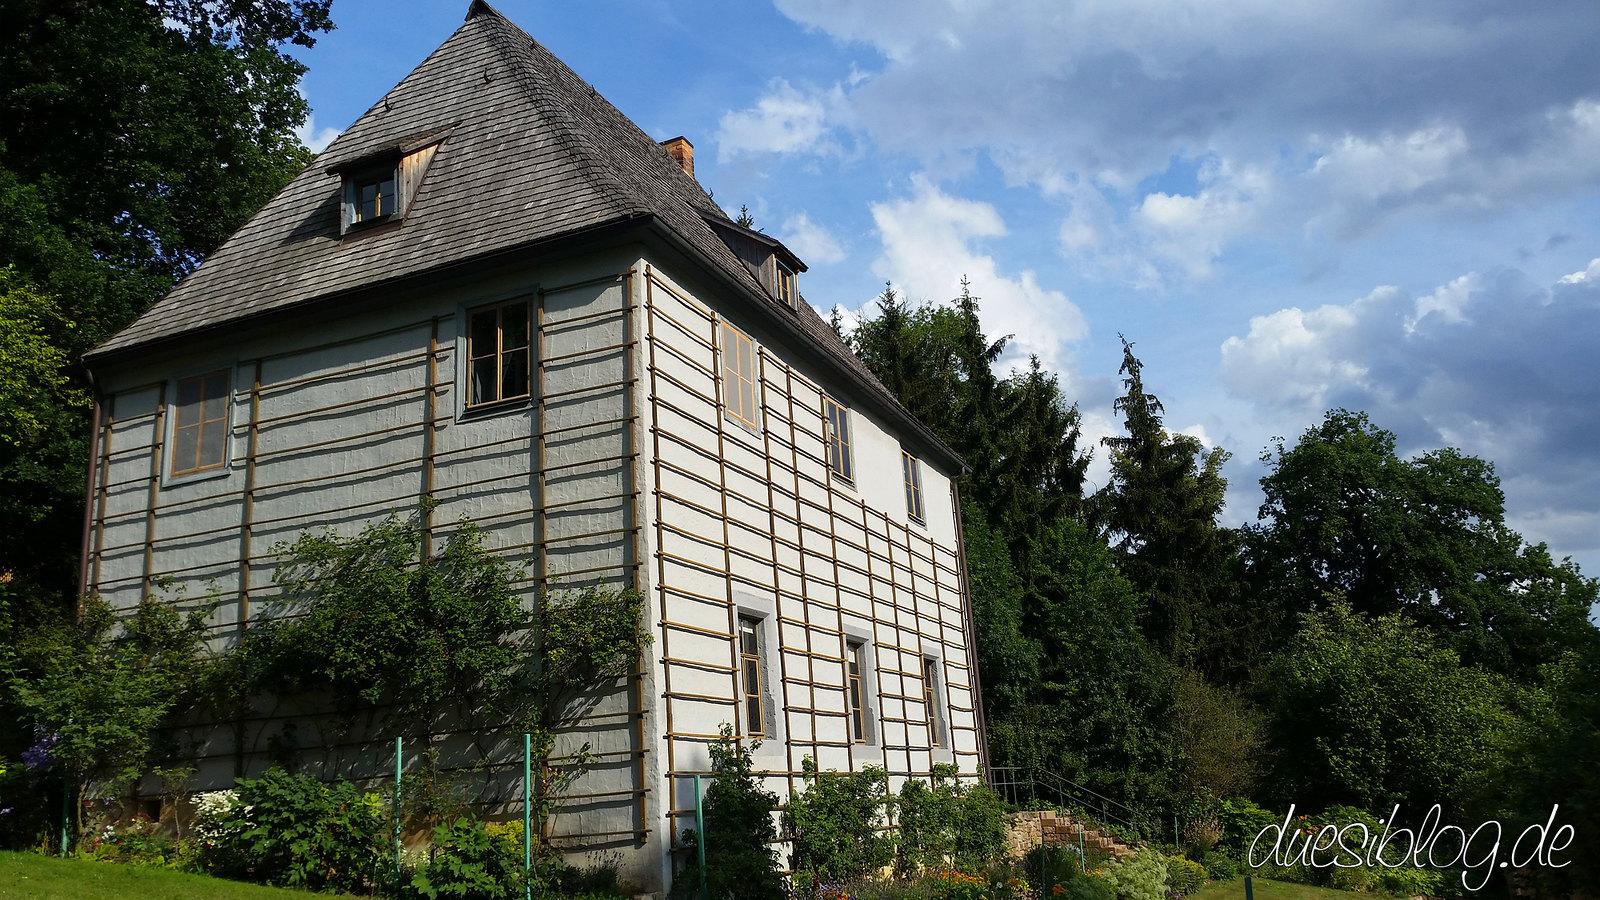 Weimar Goethe Gartenhaus duesiblog 65